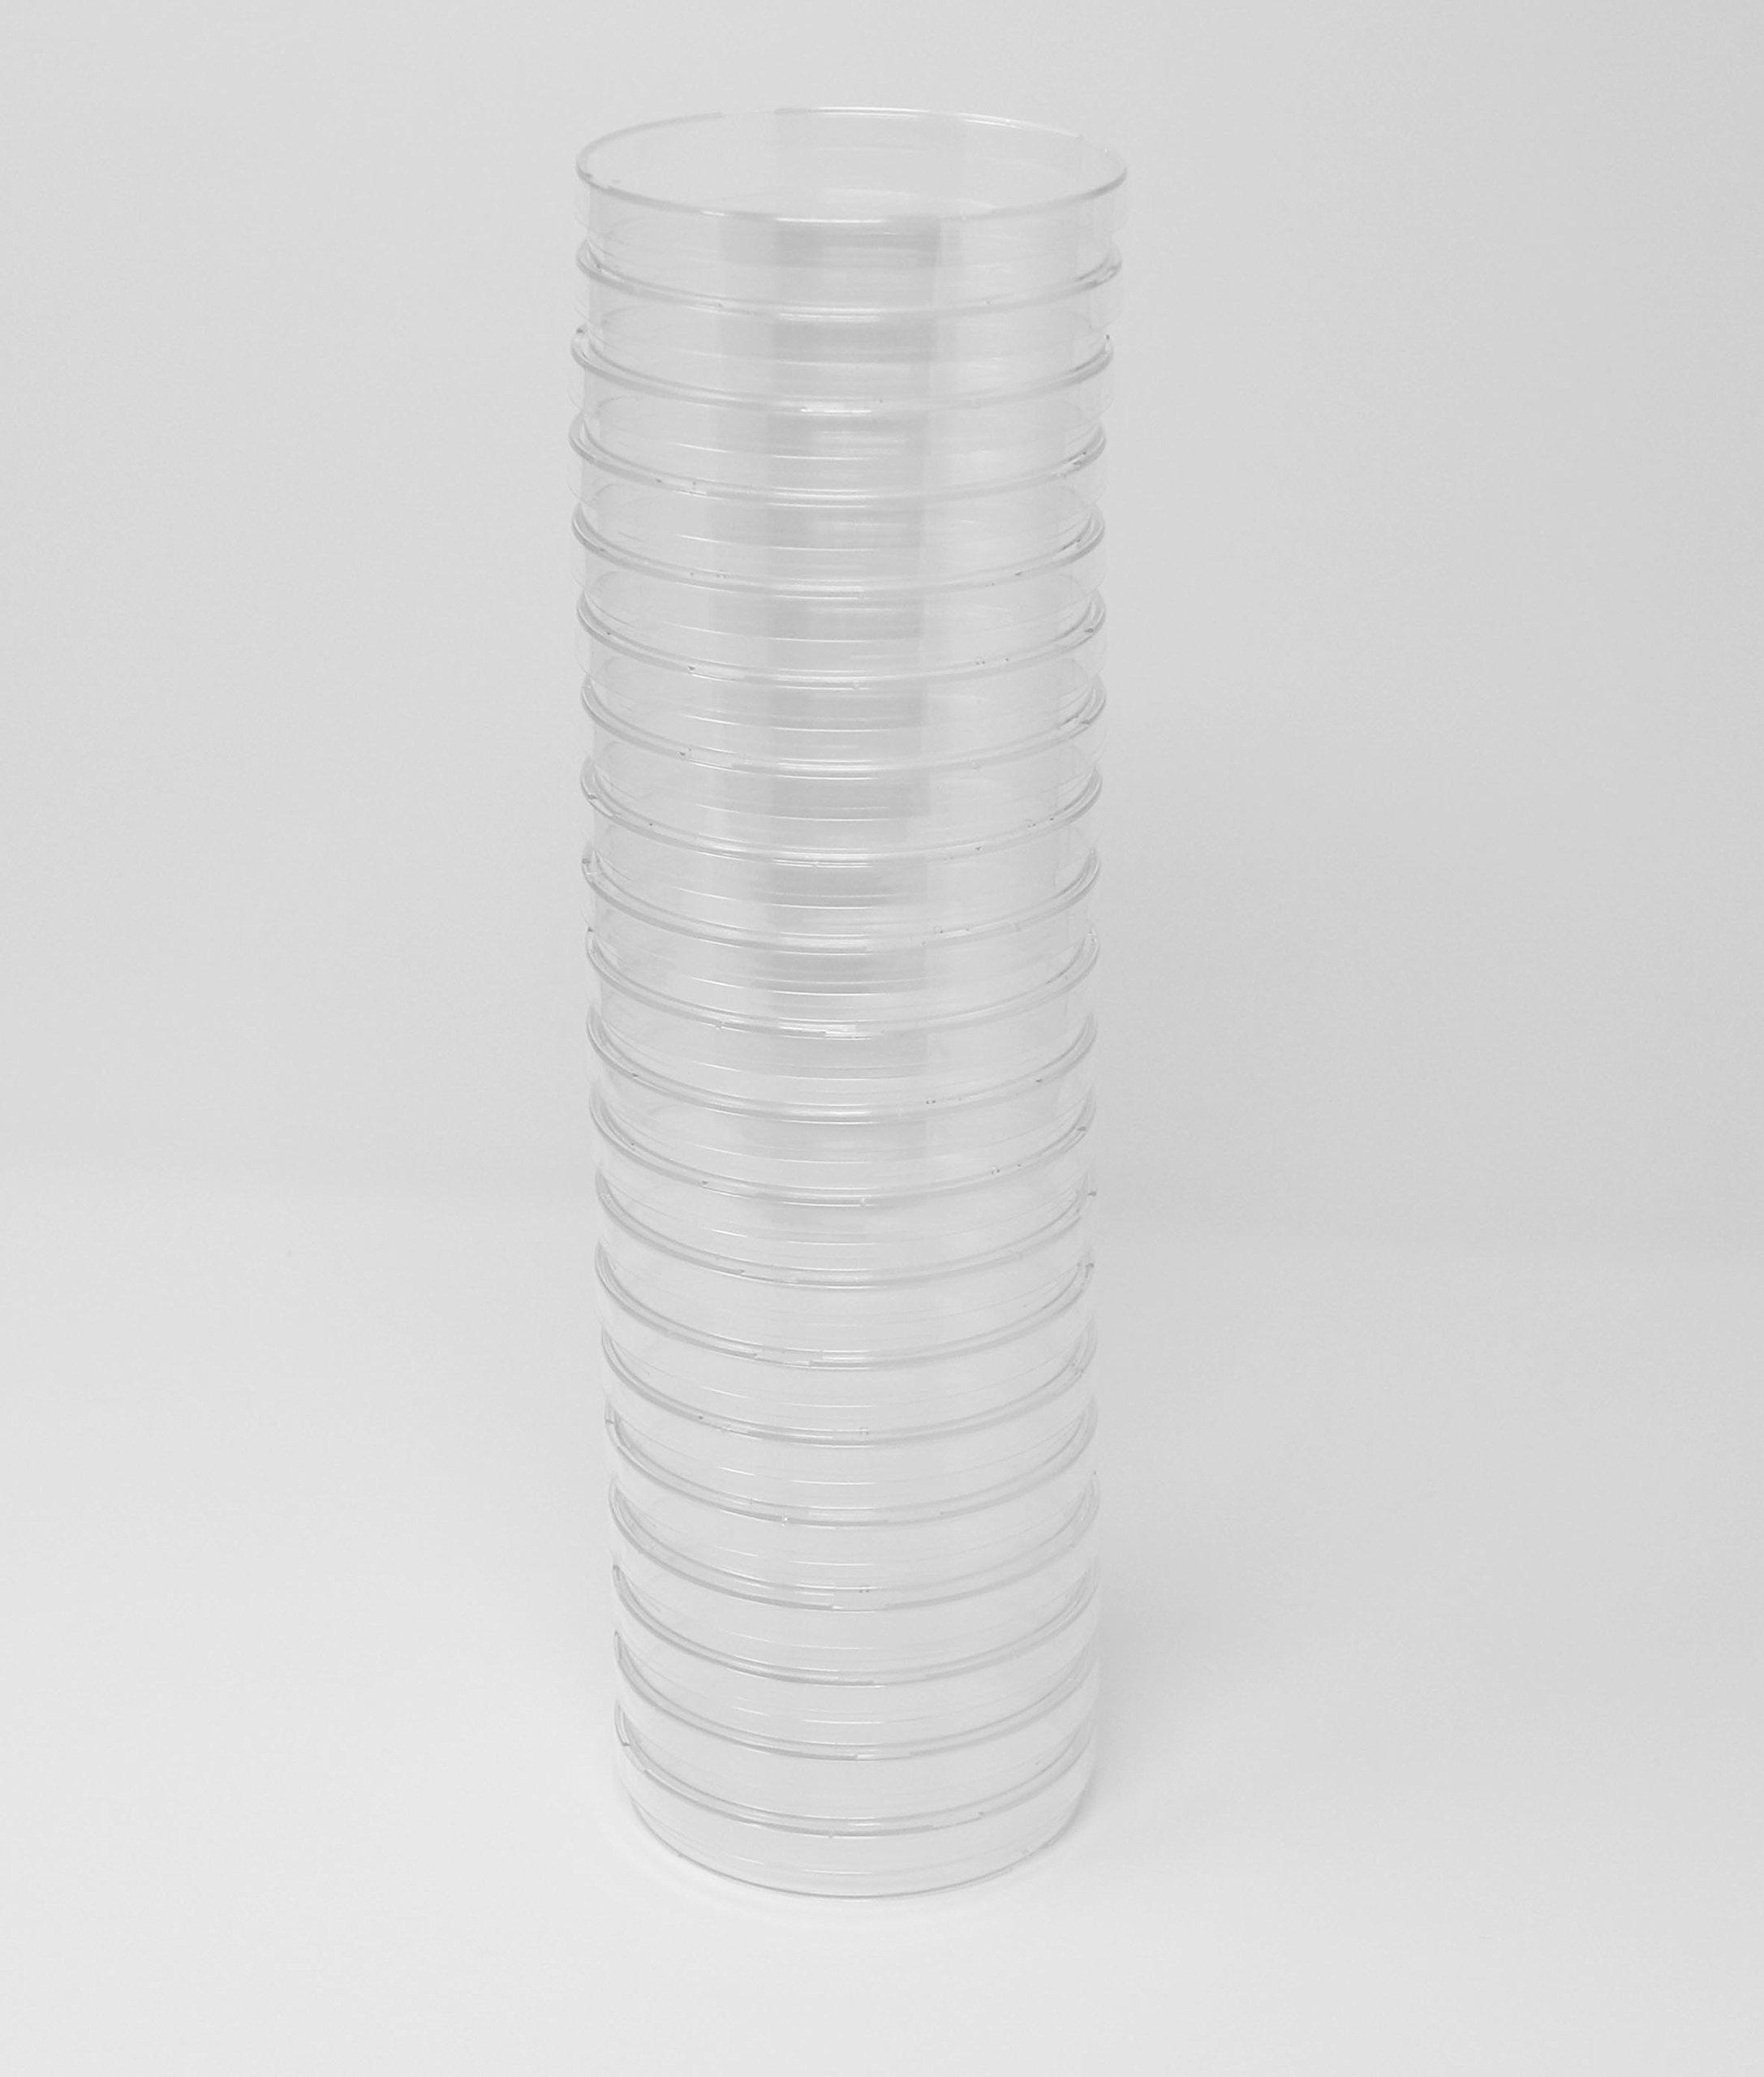 EZ BioResearch Petri Dish with Lid, 100 mm x 15 mm, Sterile, 20/pack by EZ BioResearch